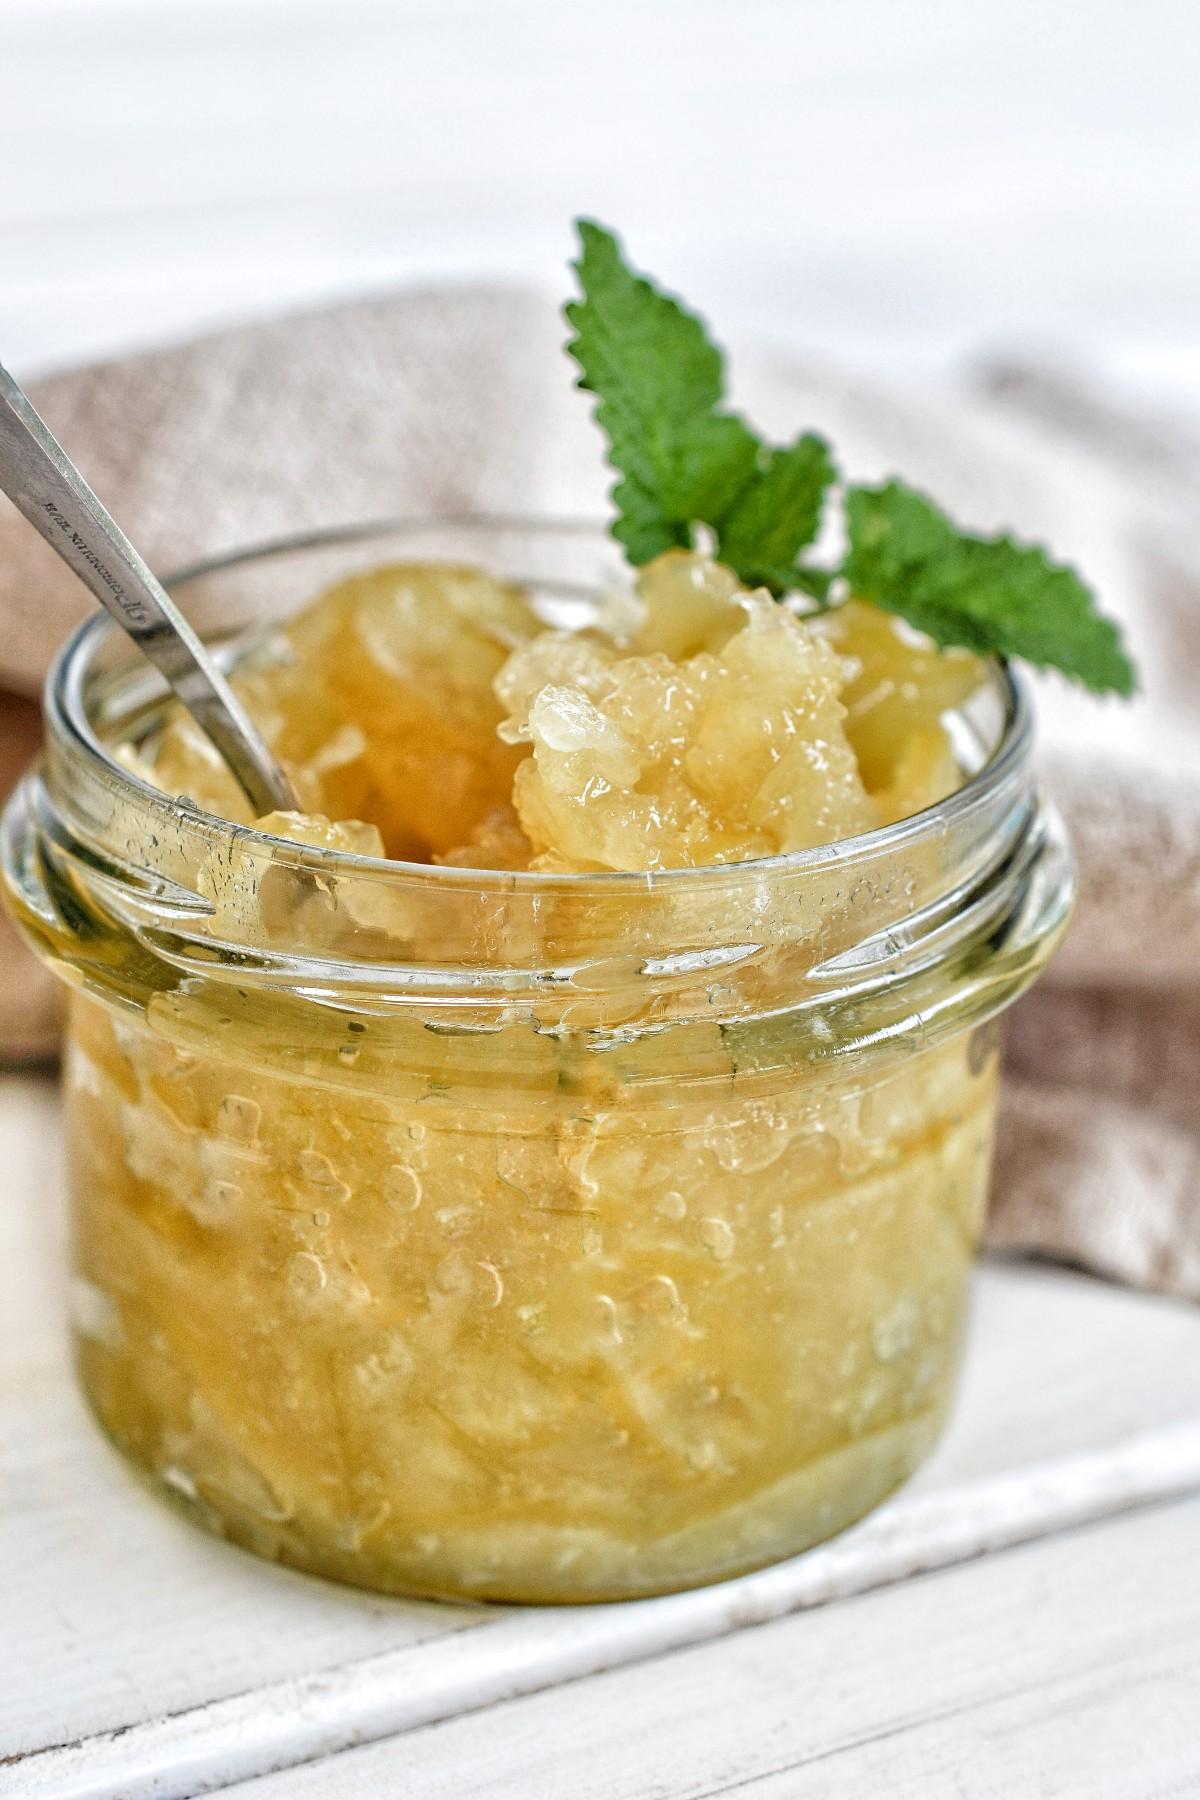 Zitronenmarmelade mit Schale